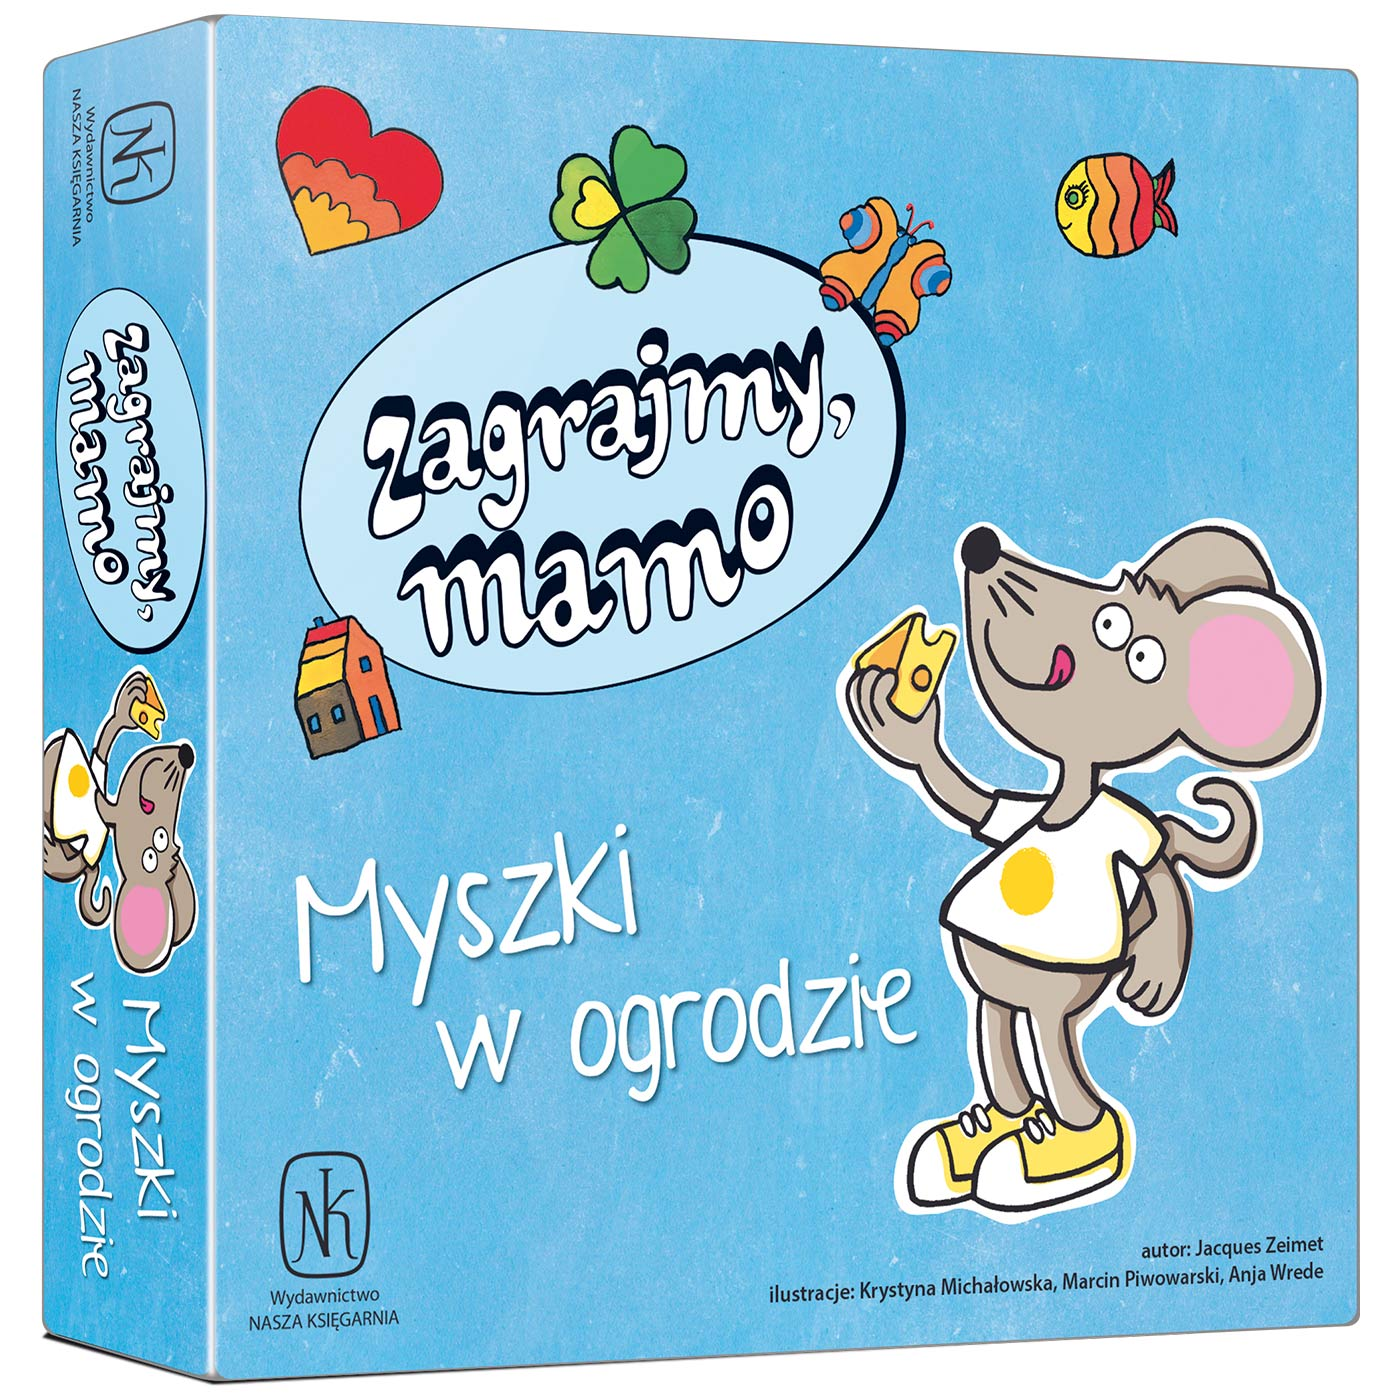 _gra_ZAGRAJMY_MAMO - Myszki w ogrodzie (0)